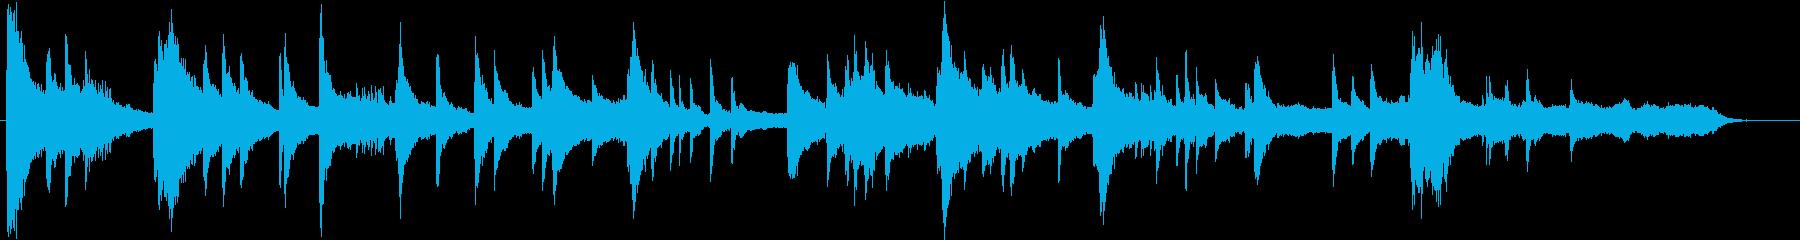 琴、ひちりき、太鼓、笙などを使った和風の再生済みの波形